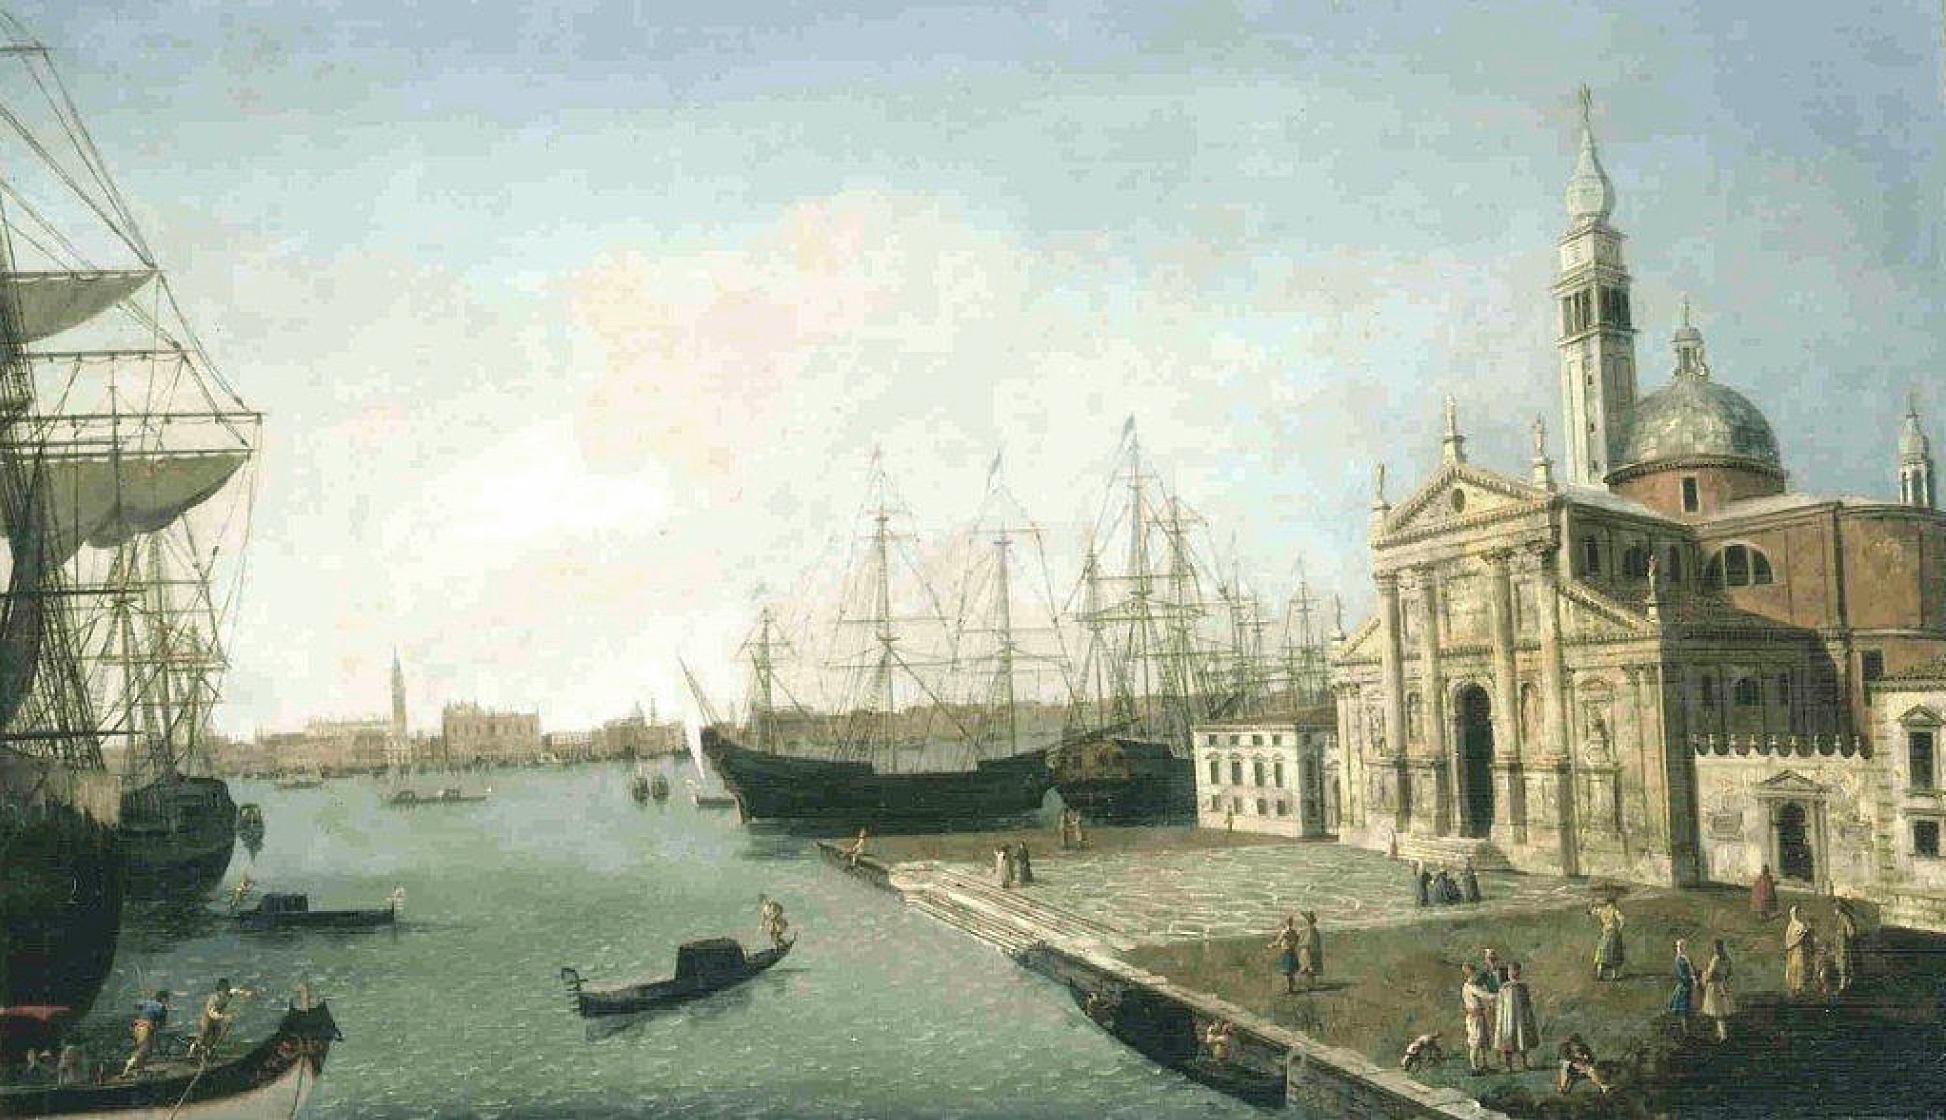 San Giorgio Maggiore, Venecia, con el Palacio de los Dogos y la Riva degli Schiavoni